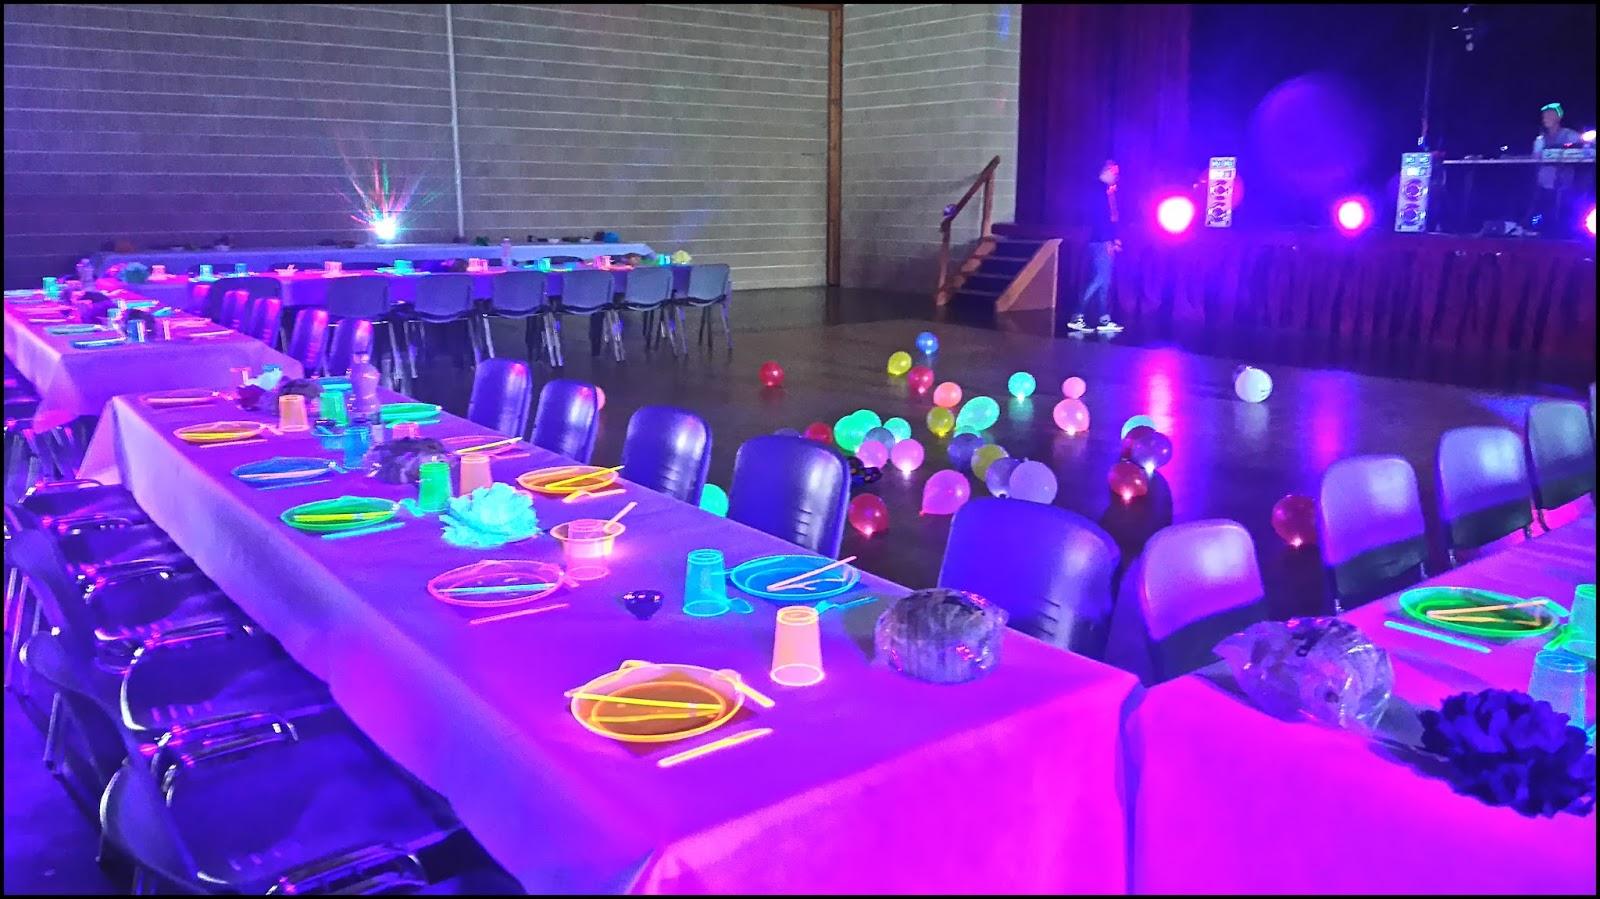 Decoration de table fluo - Decoration table reveillon jour de l an ...